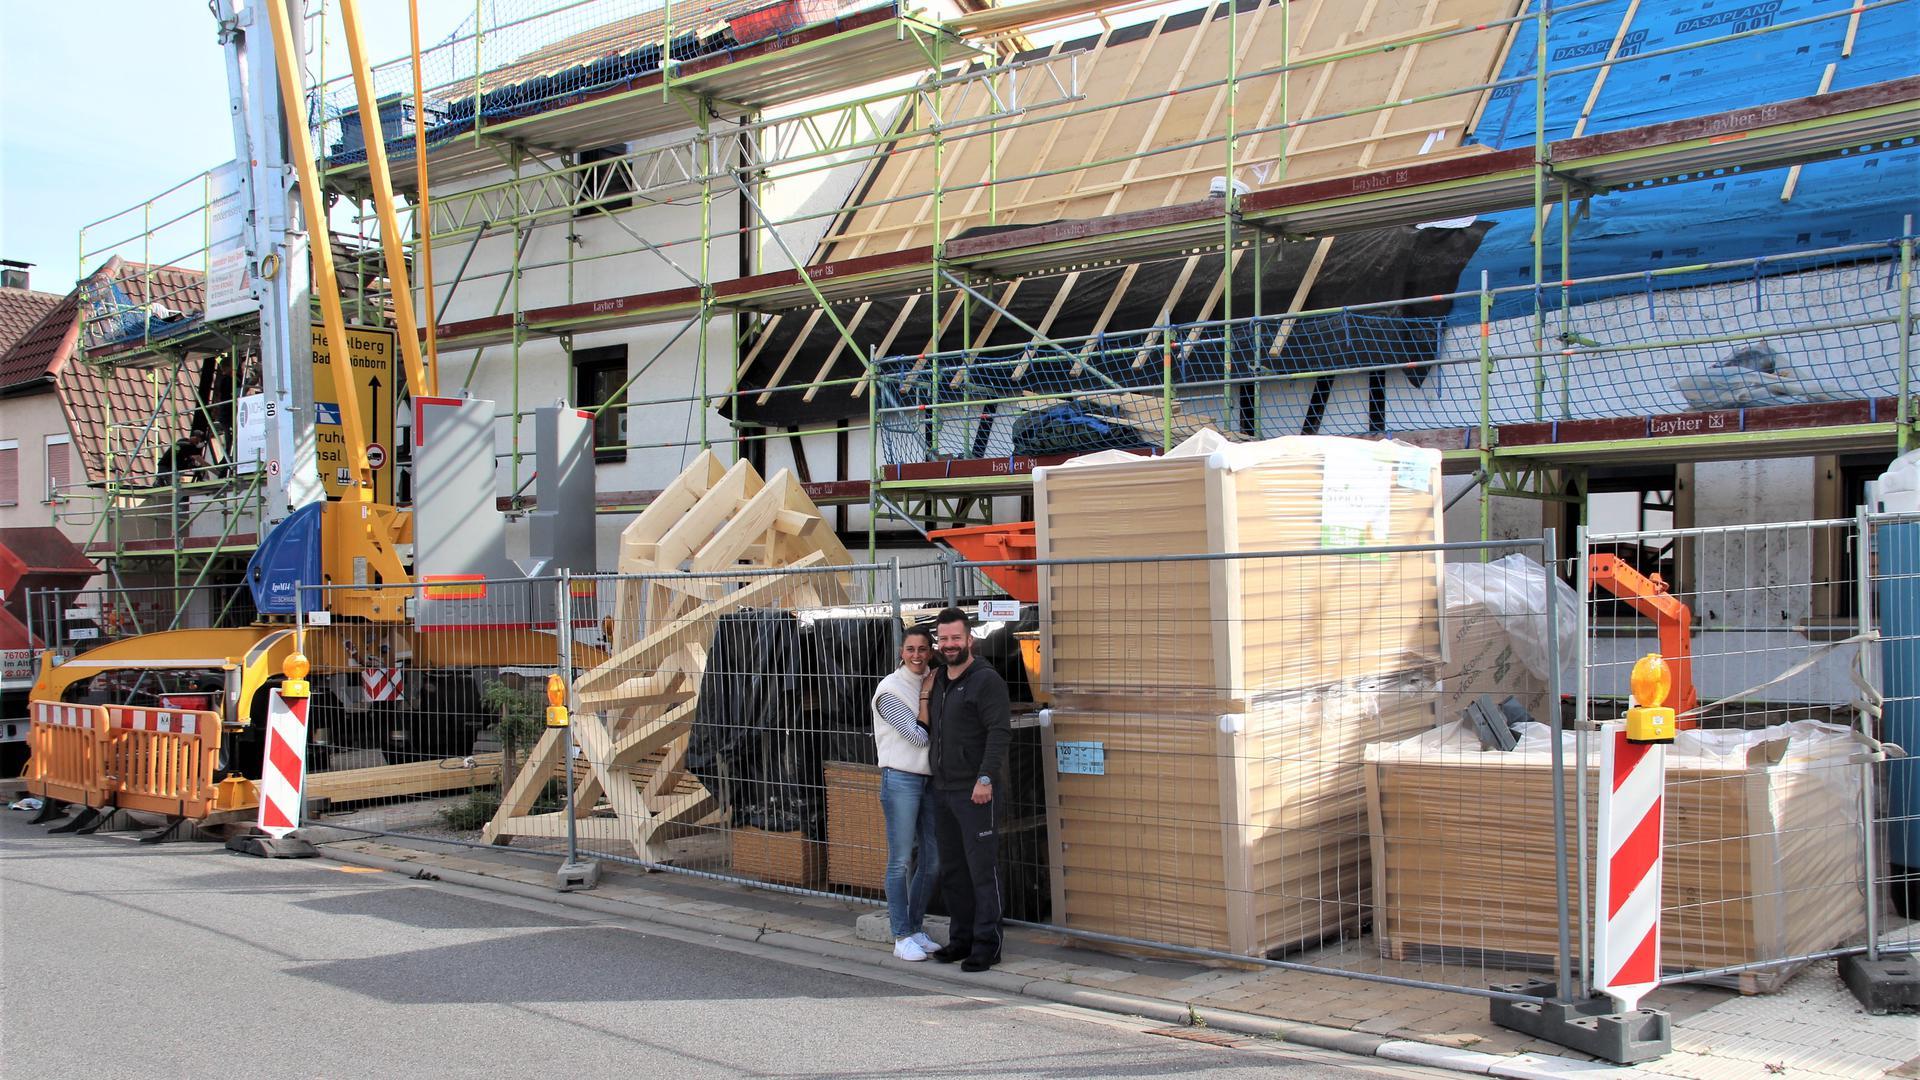 Nadine und Peter Kegler stecken mitten in der Sanierung ihres Fachwerkhauses in Stettfeld, einem Ortsteil von Ubstadt-Weiher.